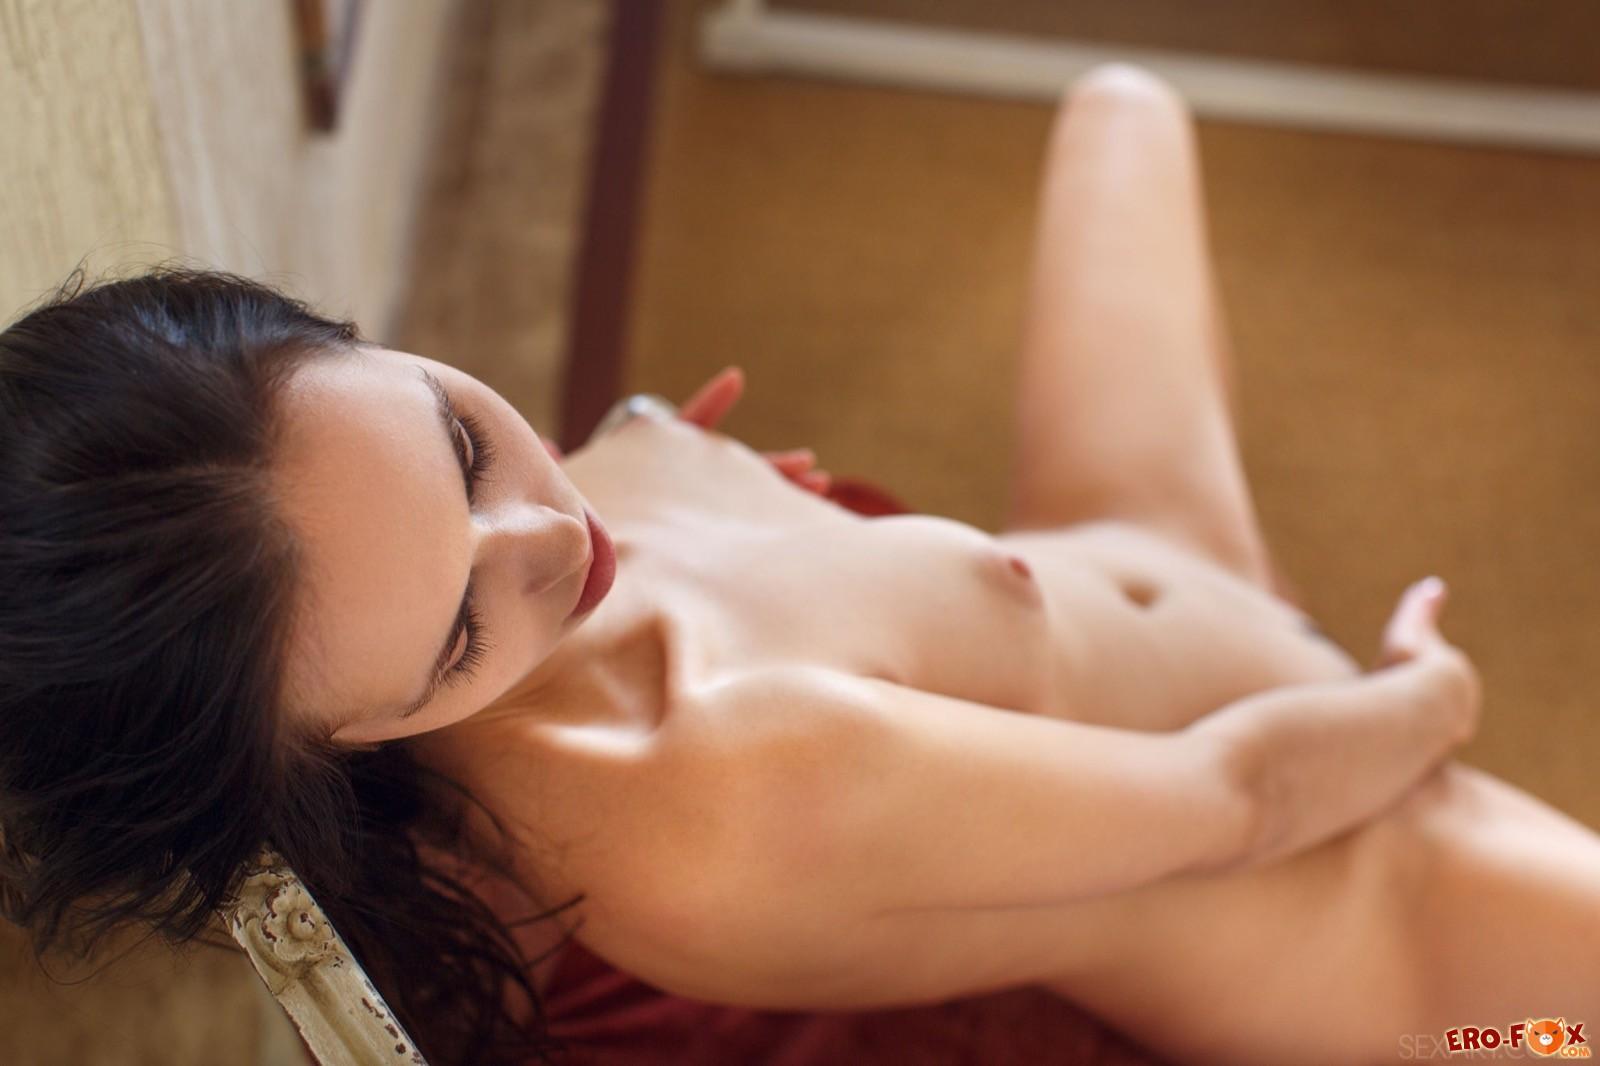 Красотка с сексуальным телом сняла прозрачные трусы